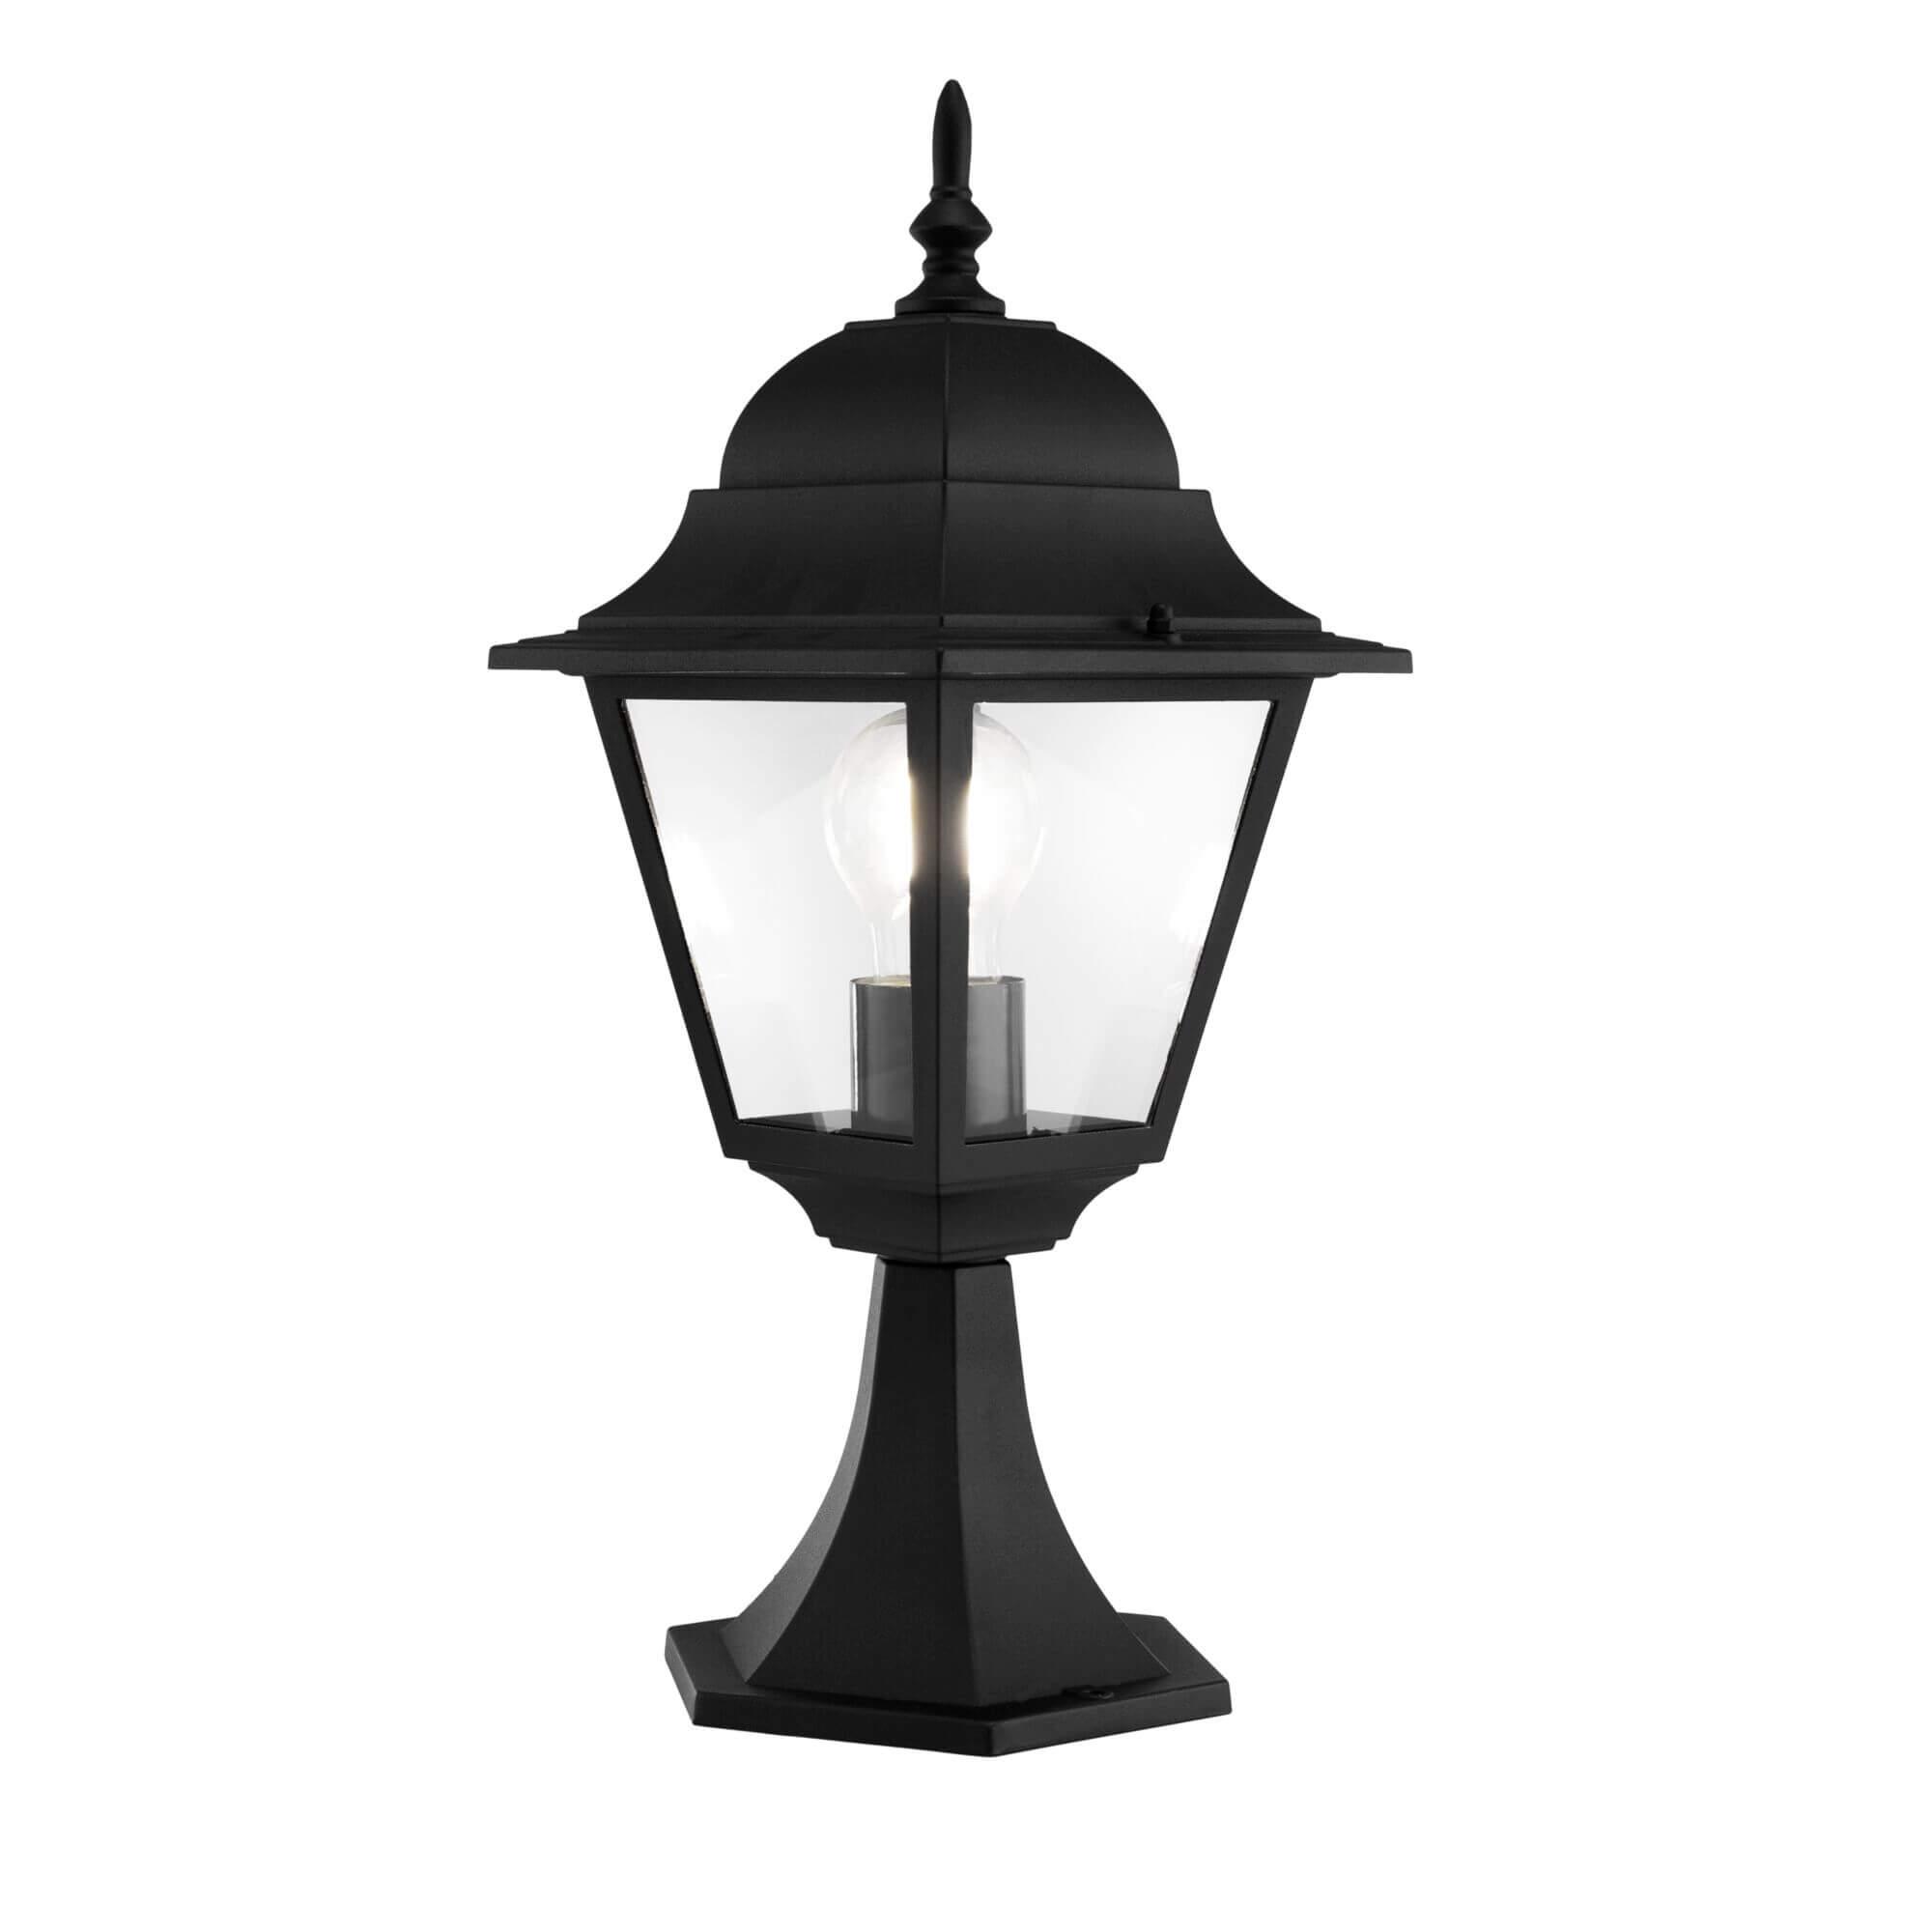 Градинска лампа Abbey Road, черно II, с IP44